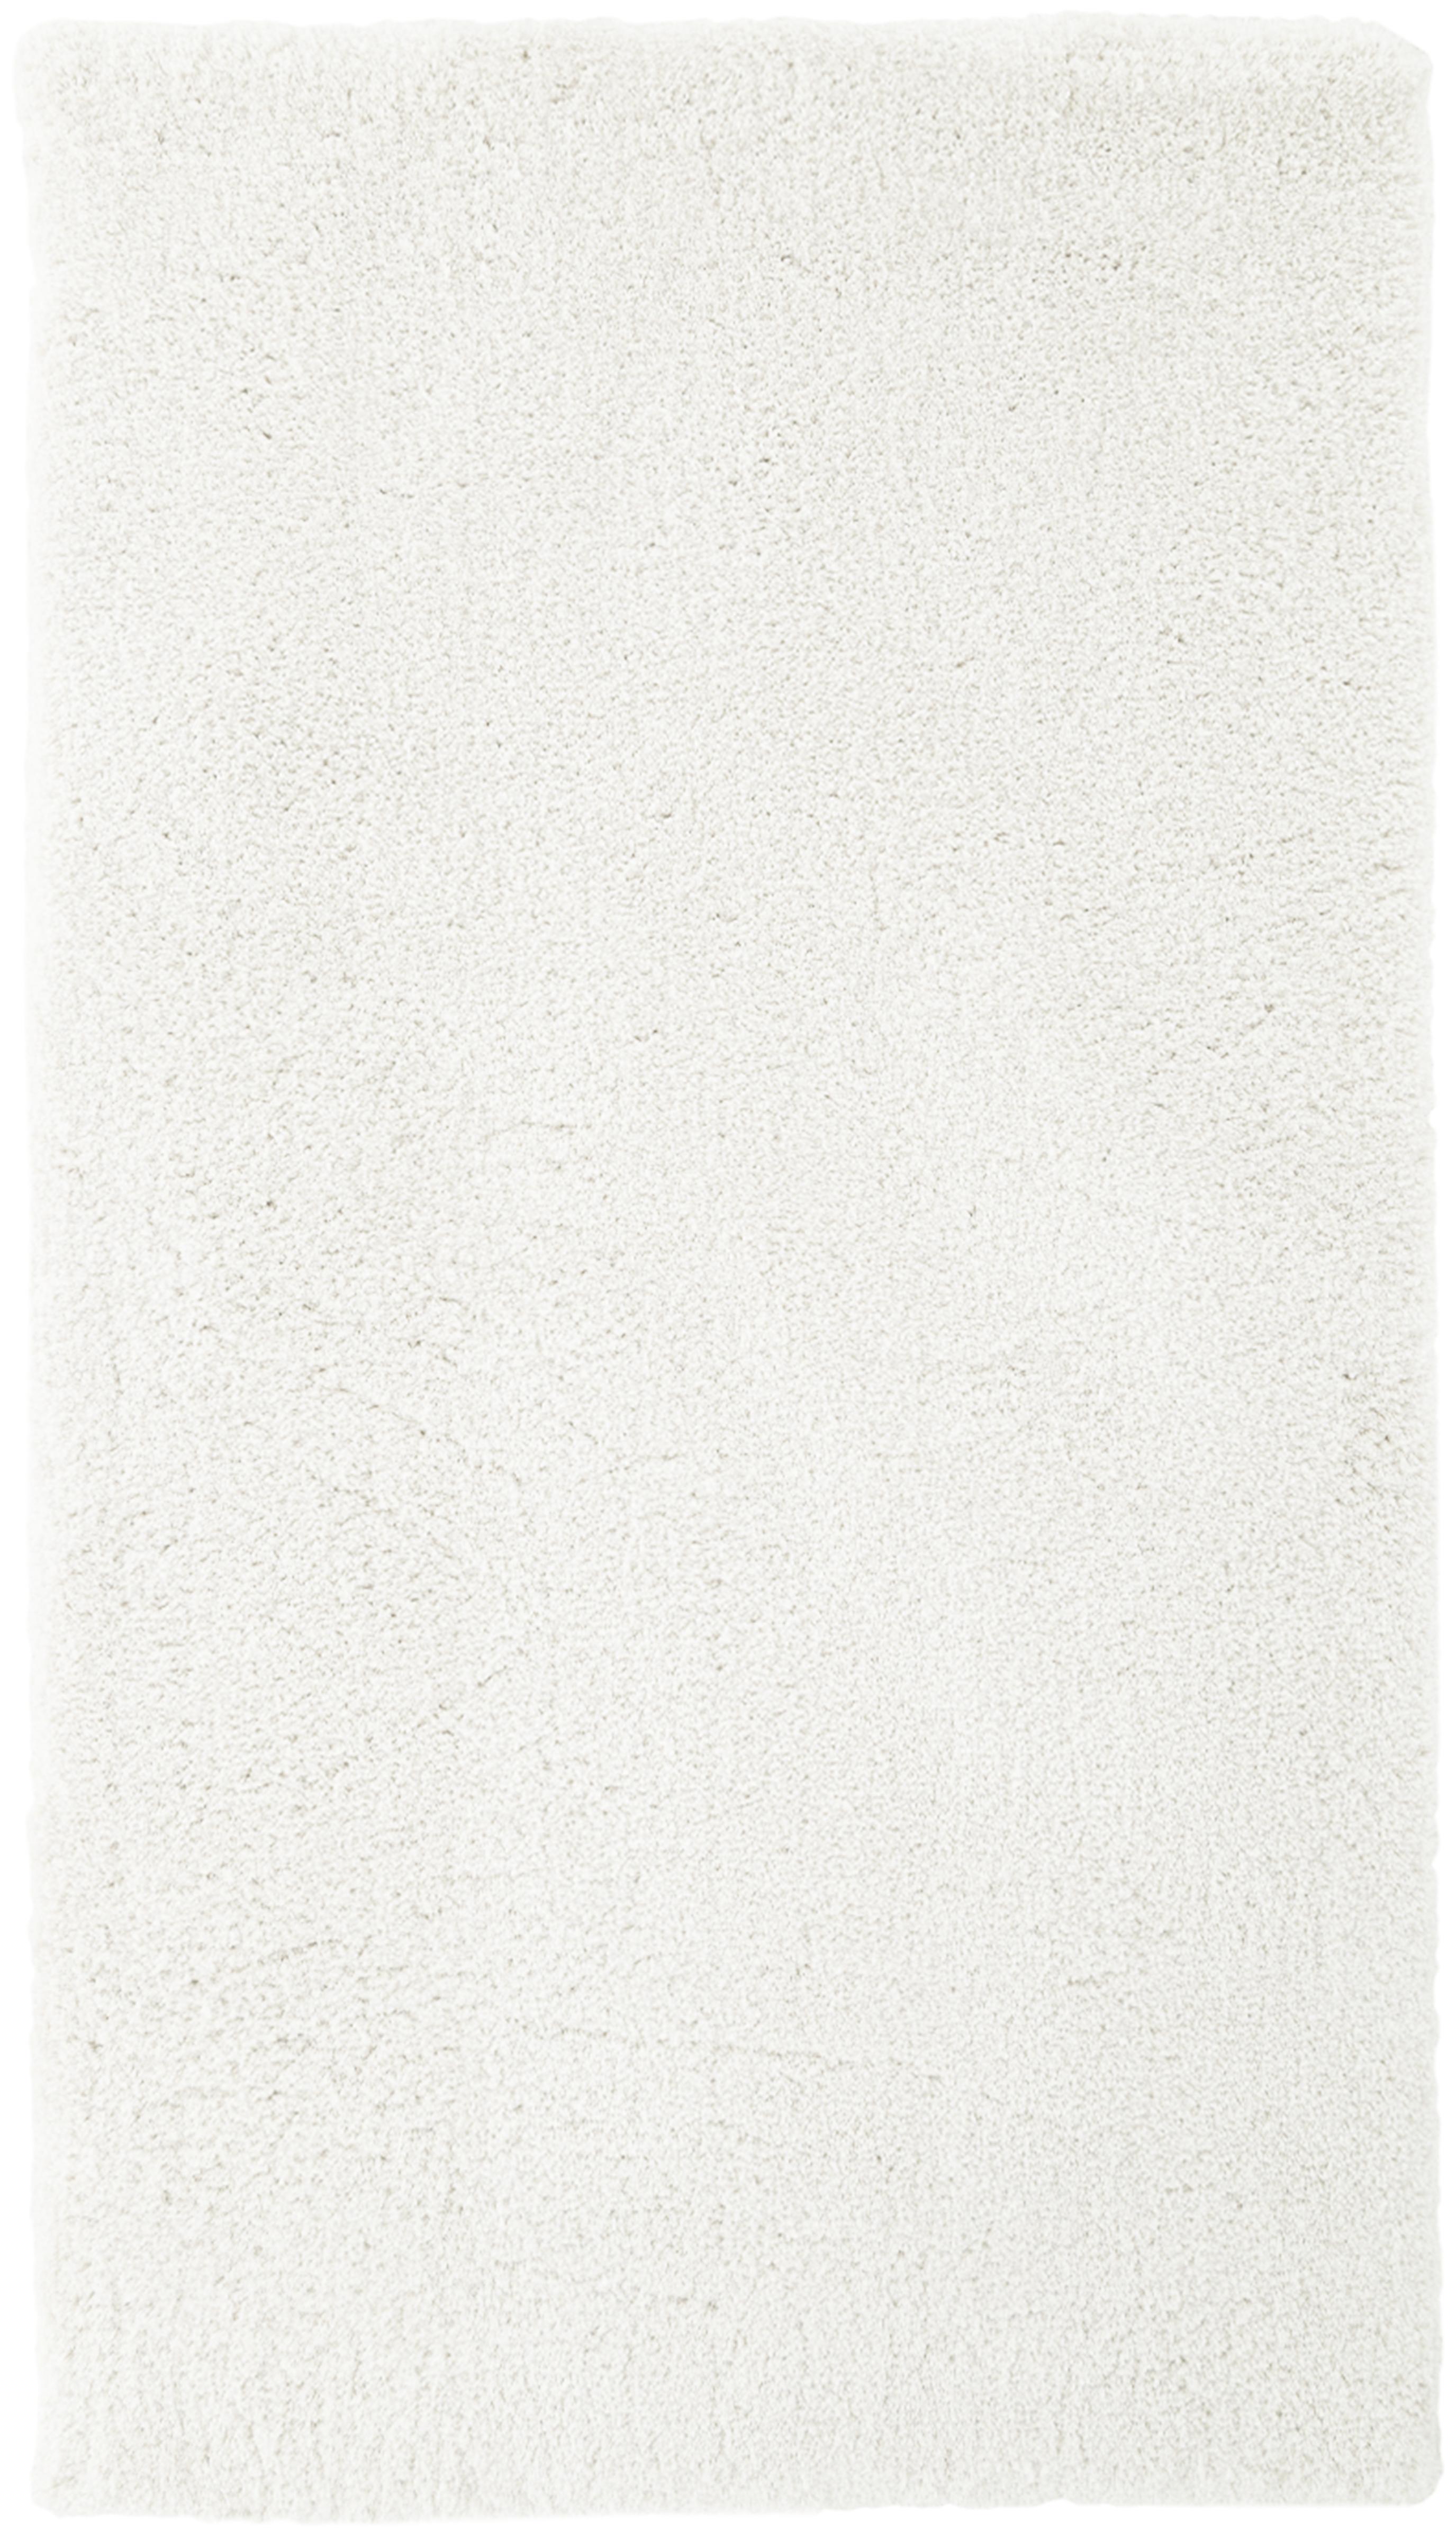 Pluizig hoogpolig vloerkleed Leighton in crèmekleur, Bovenzijde: 100% polyester (microveze, Onderzijde: 70% polyester, 30% katoen, Crèmekleurig, B 80 x L 150 cm (maat XS)